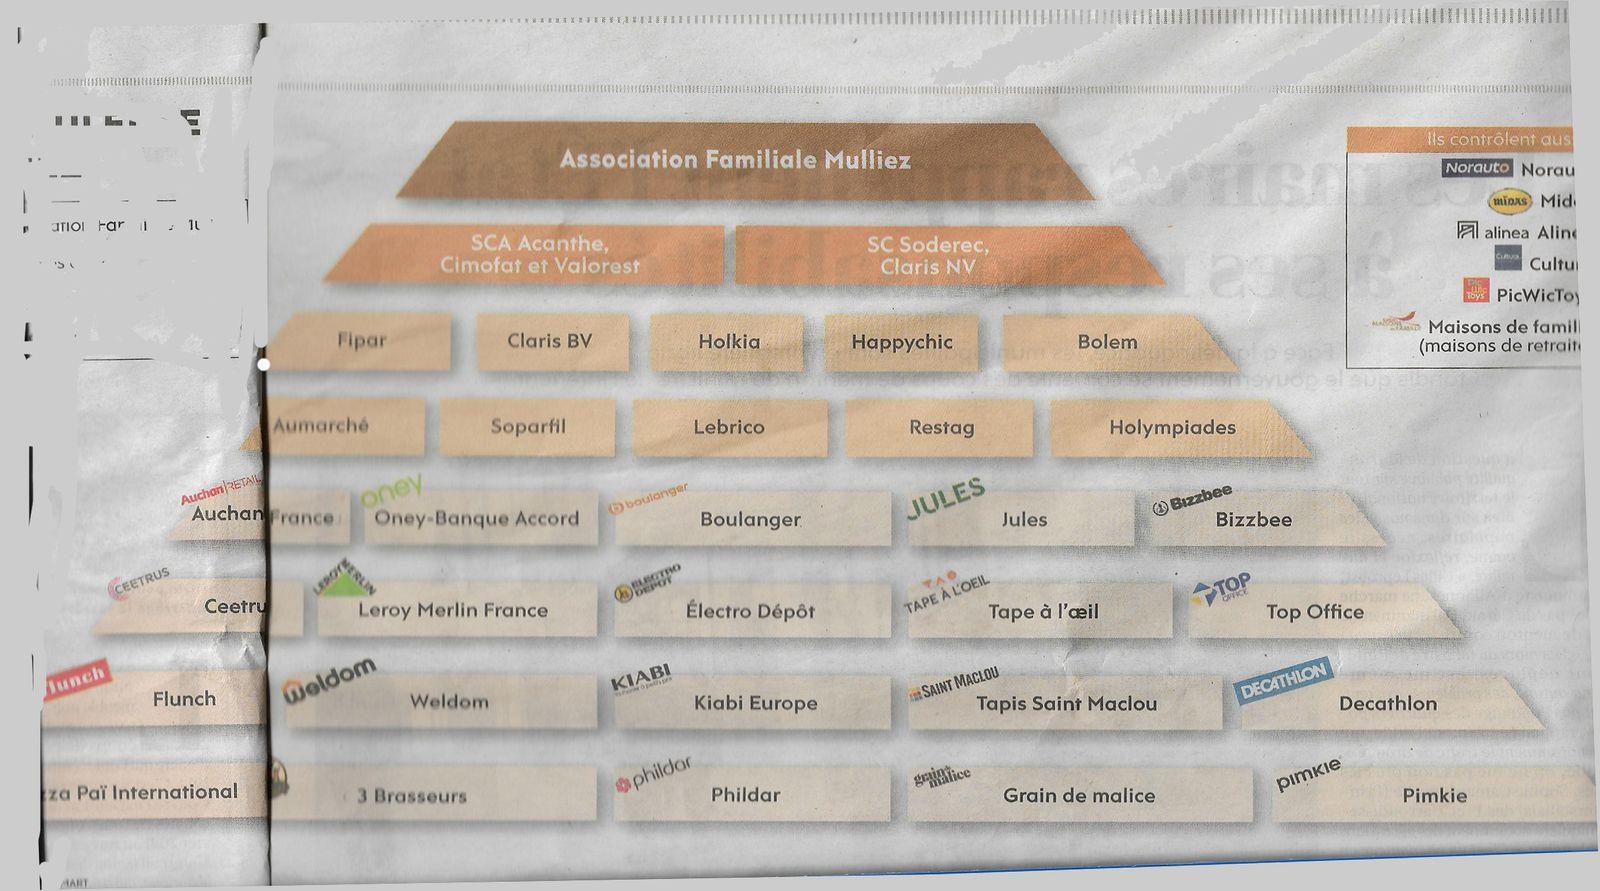 La nouvelle pyramide qui symbolise le pouvoir